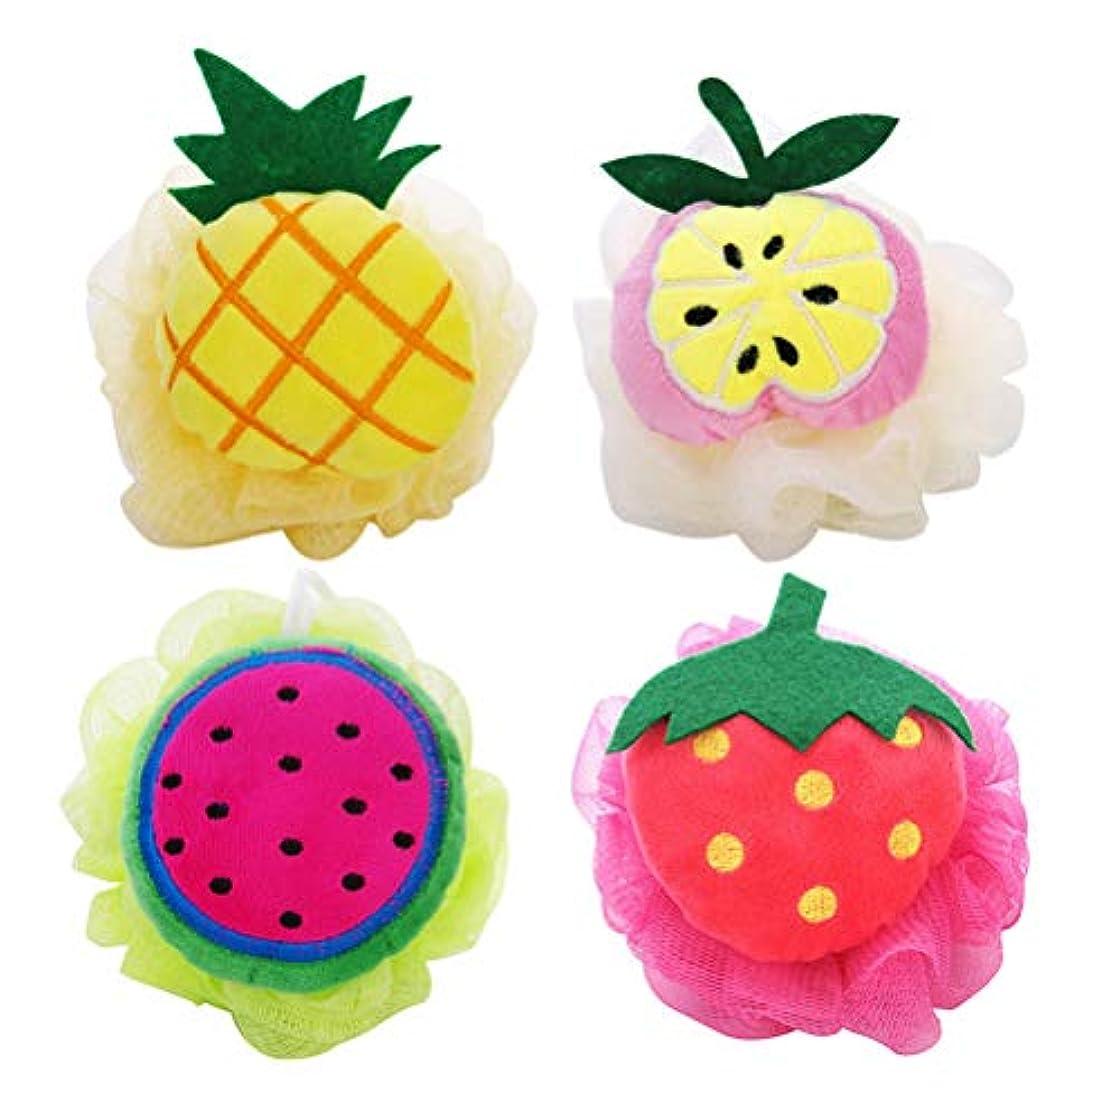 根絶する適応的偽造Healifty 4本 シャワーボール フルーツ ソフトバスボールメッシュスポン 可愛い 子供用(パイナップル スイカ アップル イチゴ)